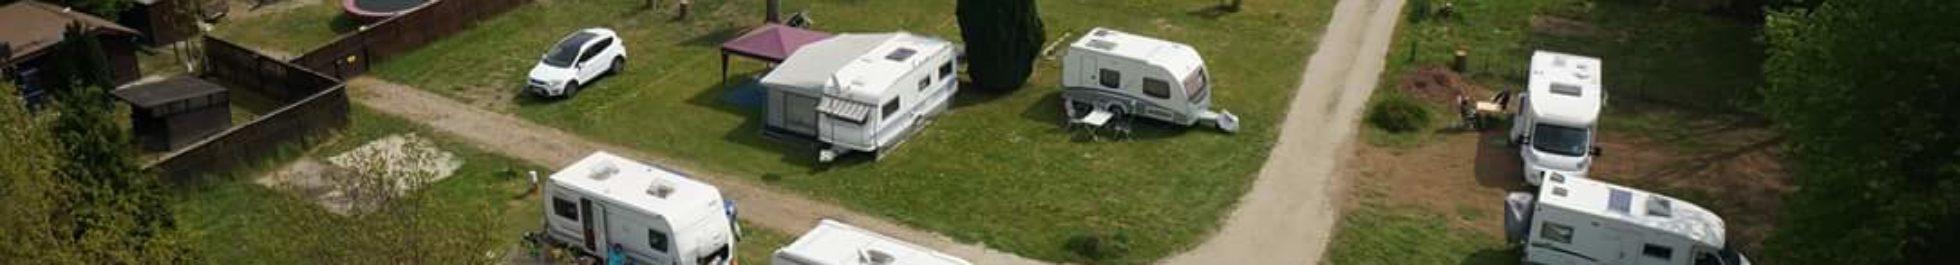 Camping Mosella